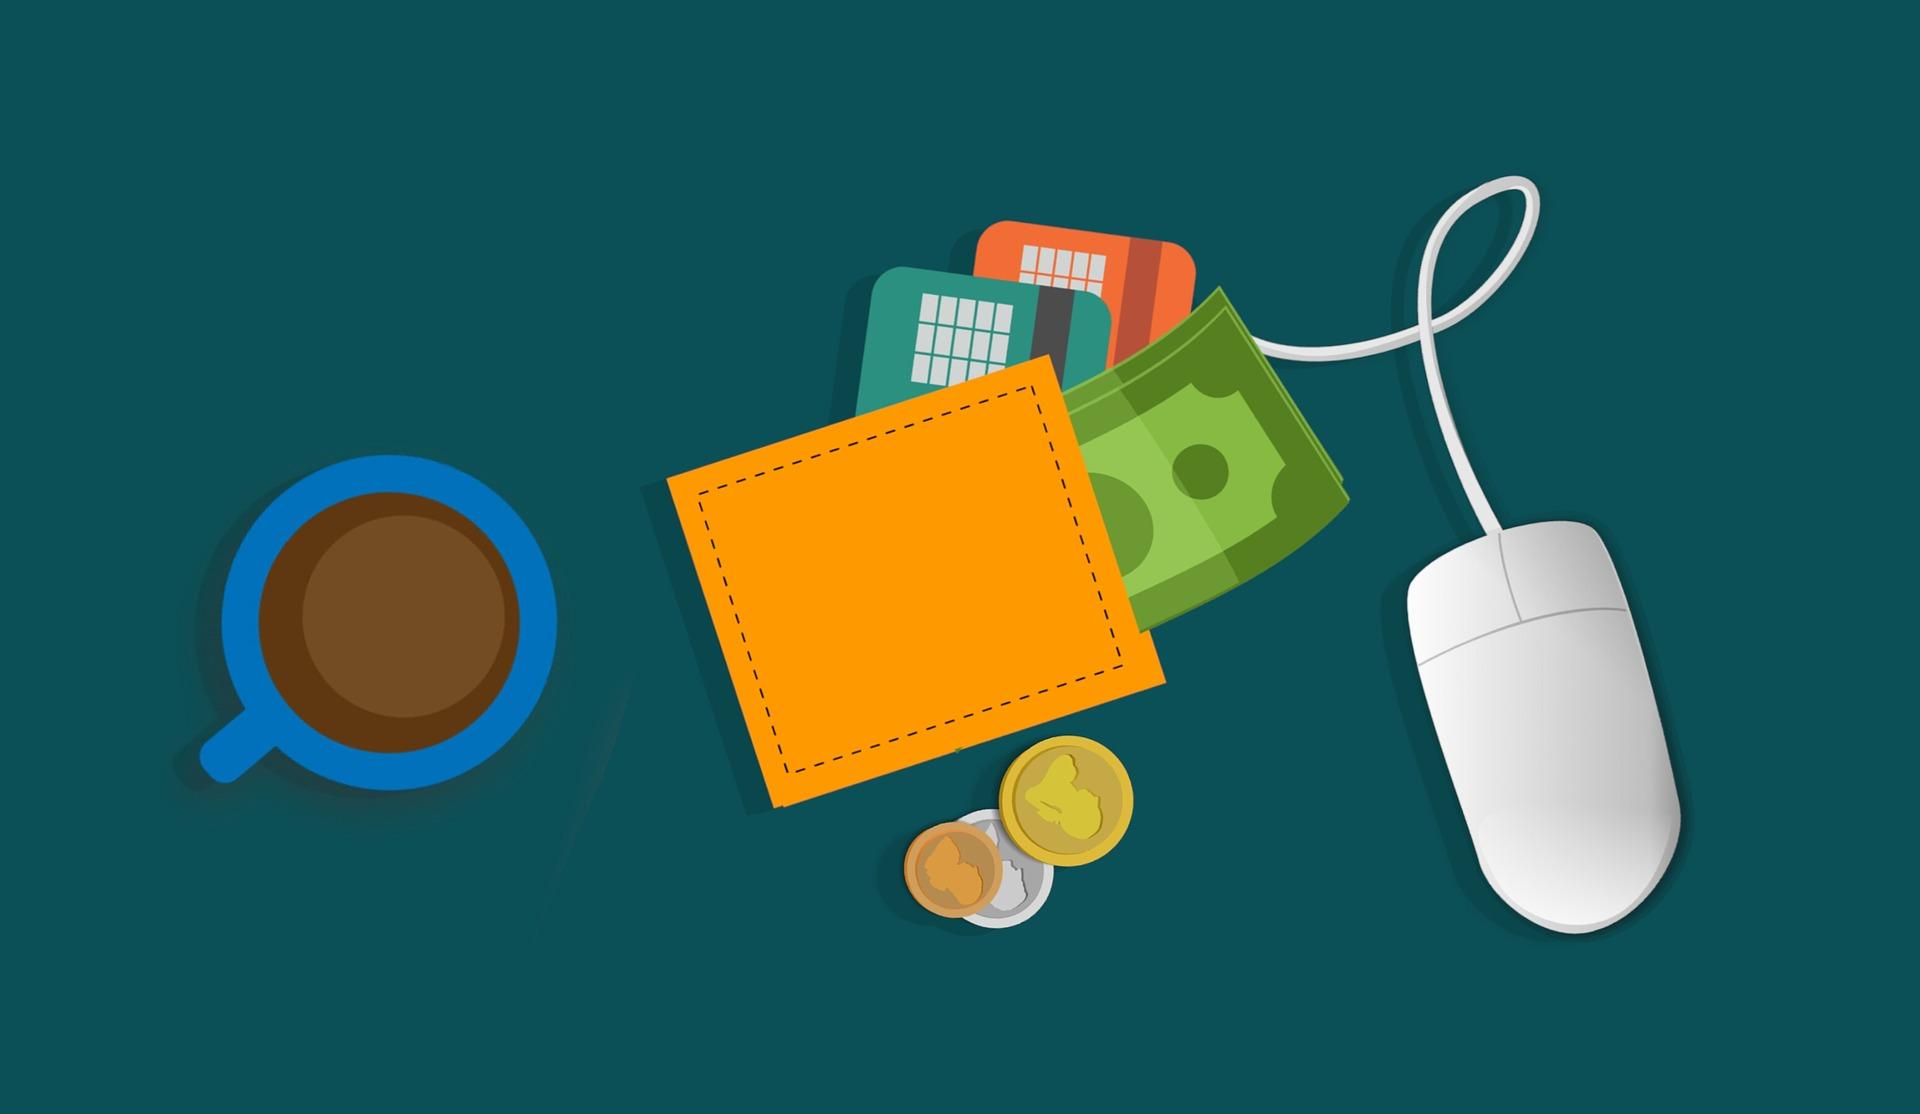 «Финтех» предложил Центробанку отменить запрет на анонимное пополнение электронных кошельков